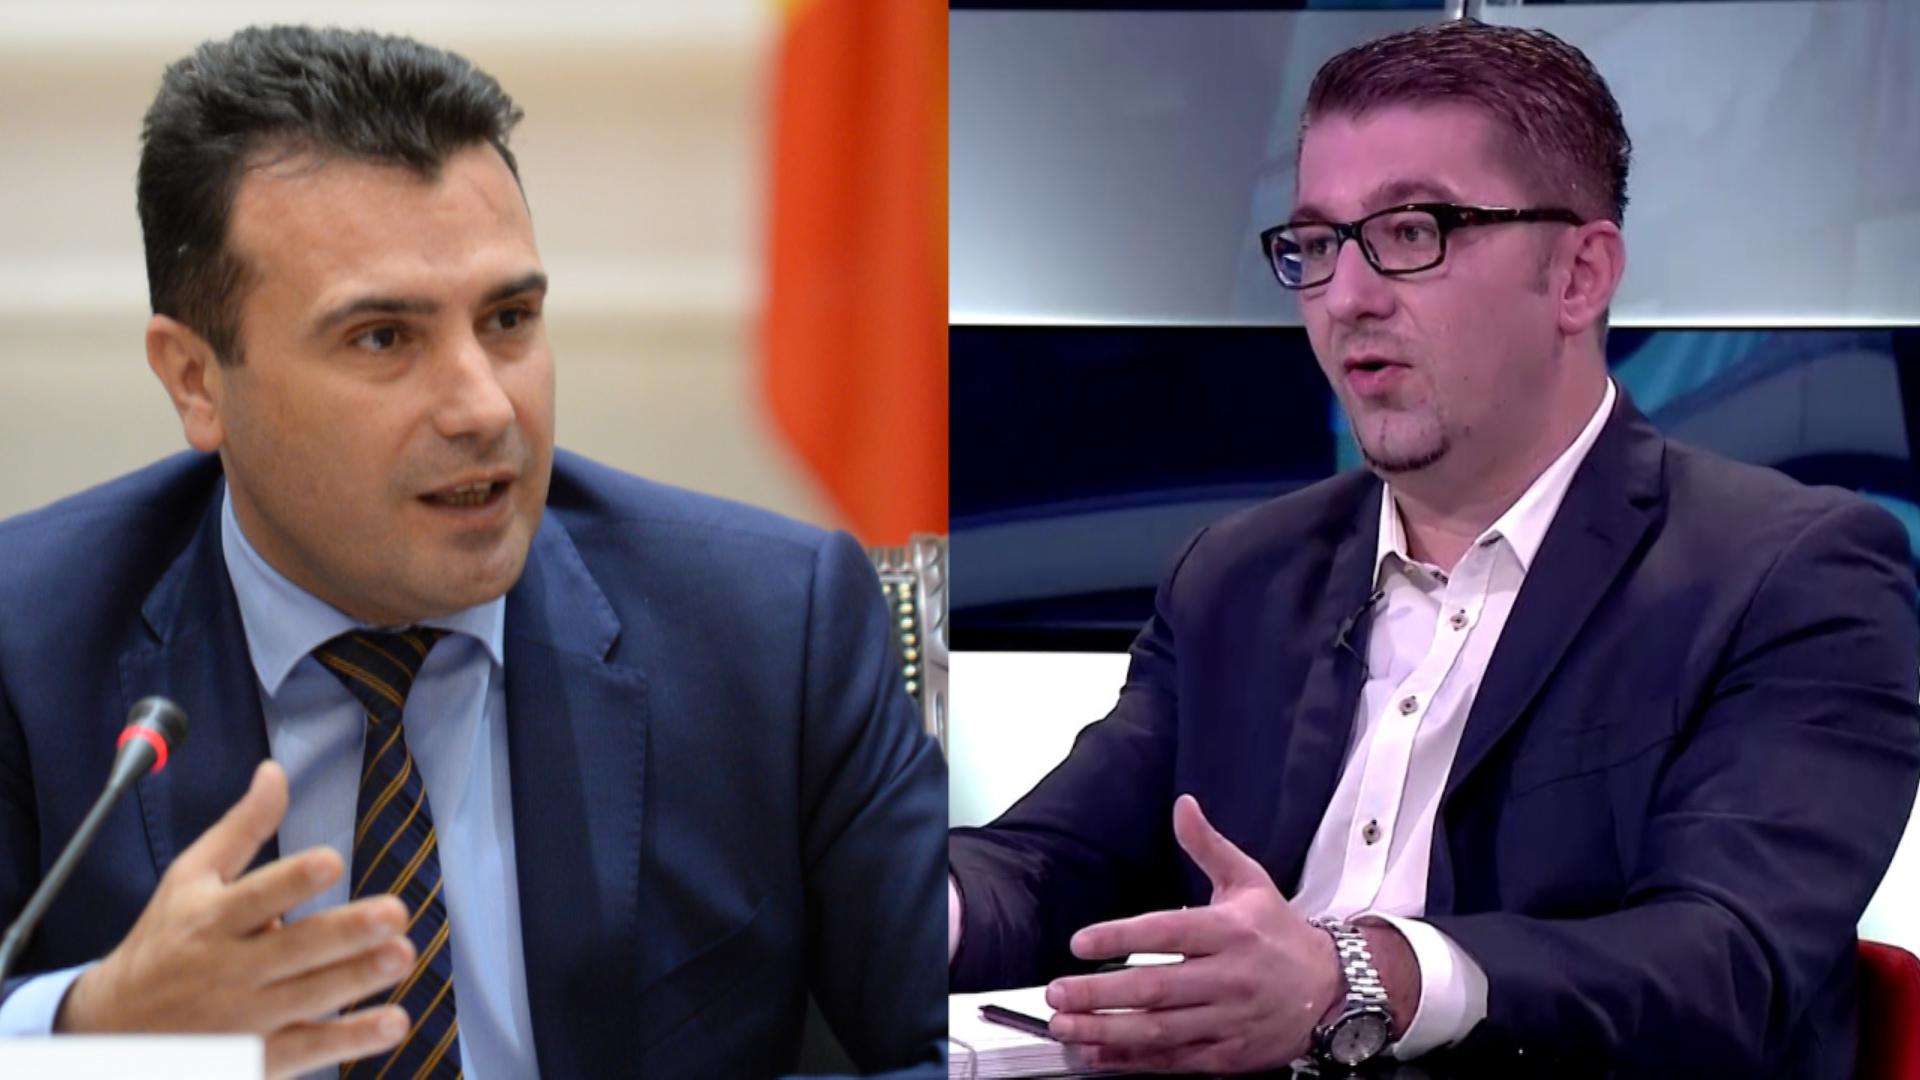 Rani opšti izbori u Severnoj Makedoniji smatraju se jednom od opcija